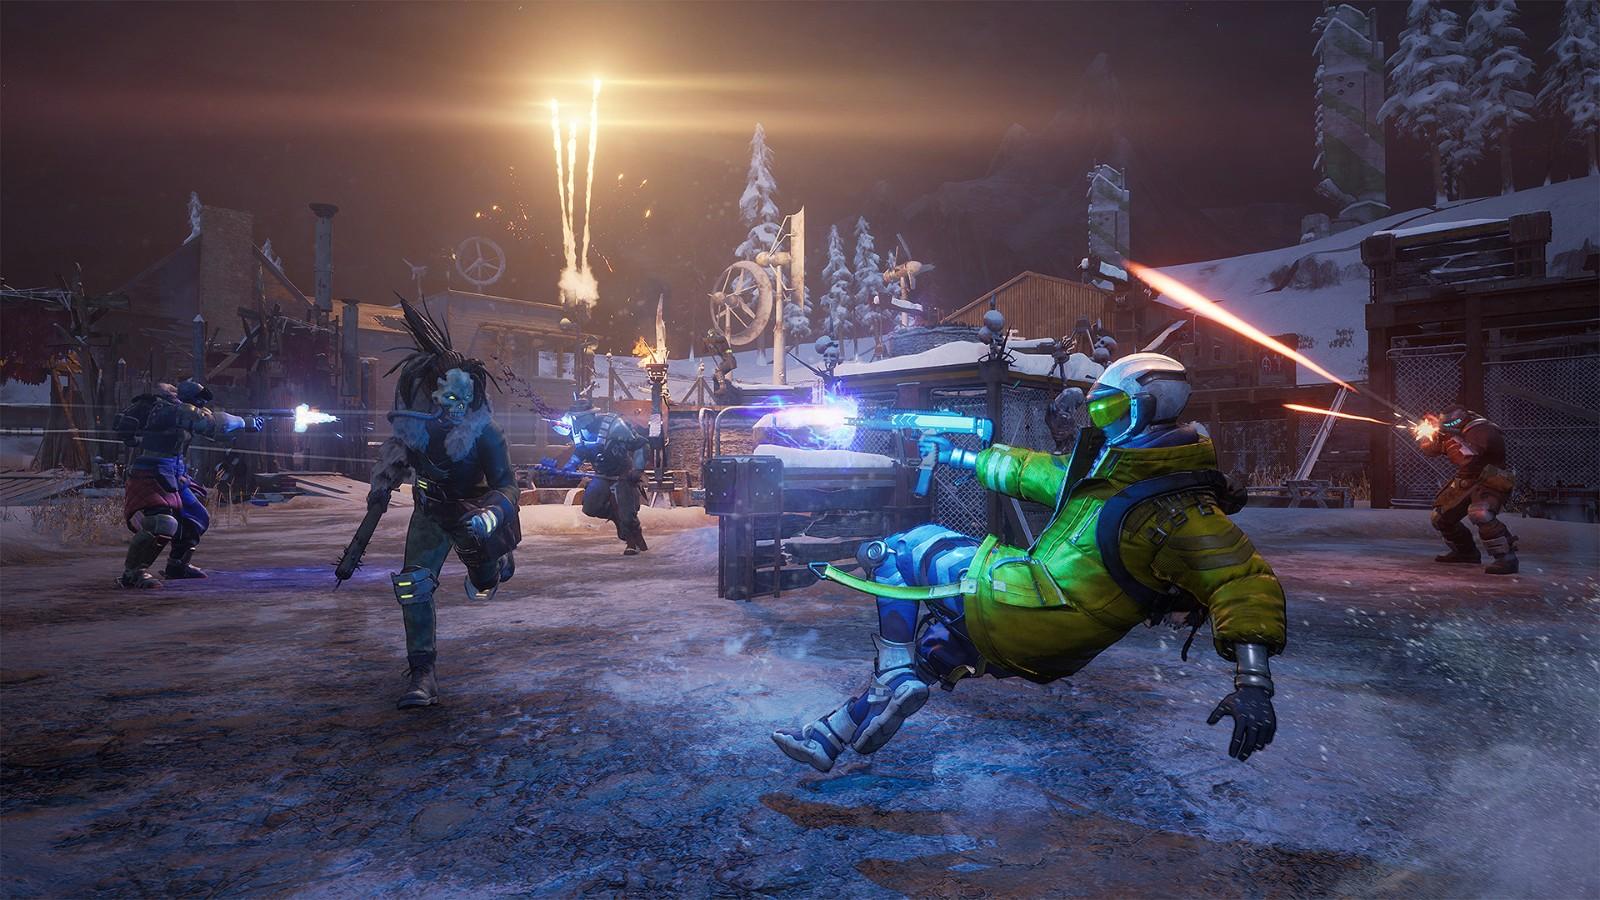 免费生存射击游戏《拾荒者》即将登陆Steam和Epic